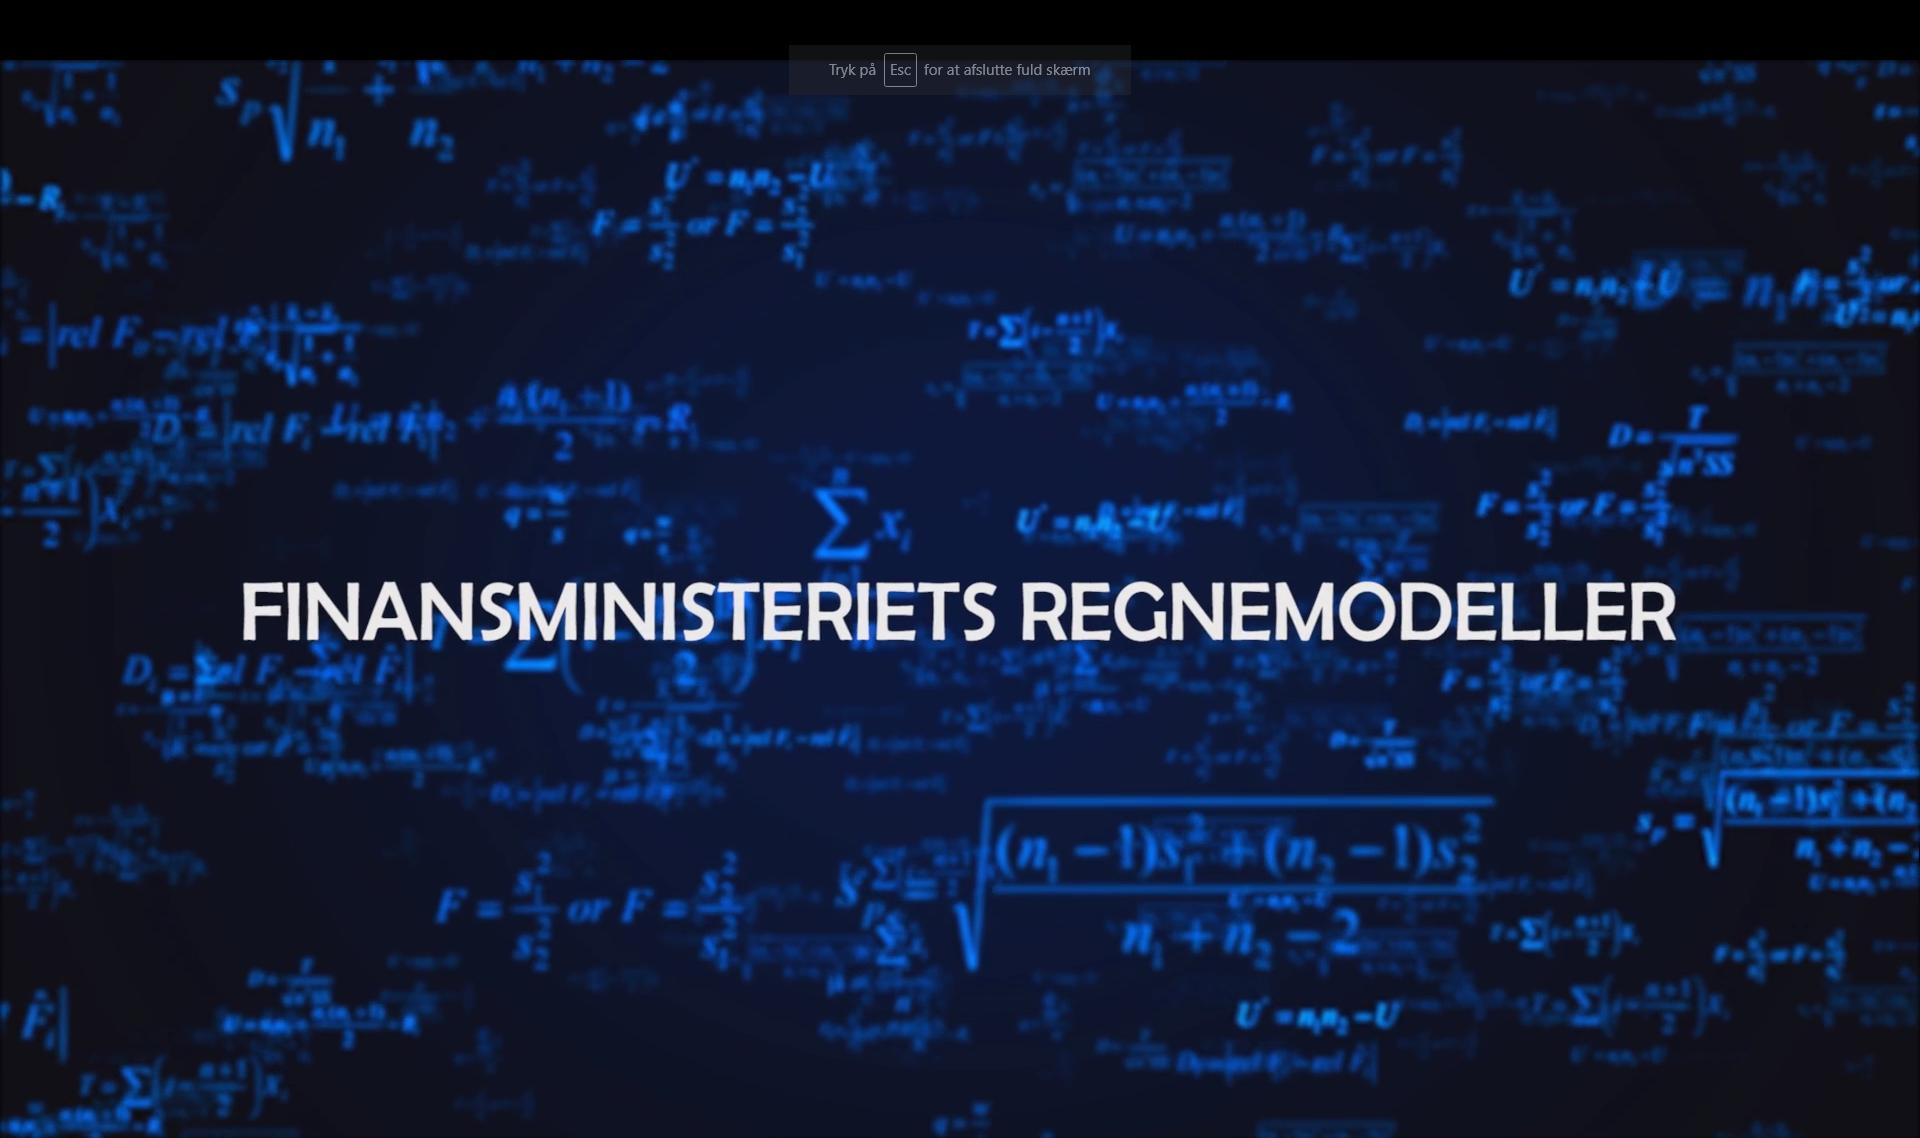 Finansministeriets regnemodeller forside billede